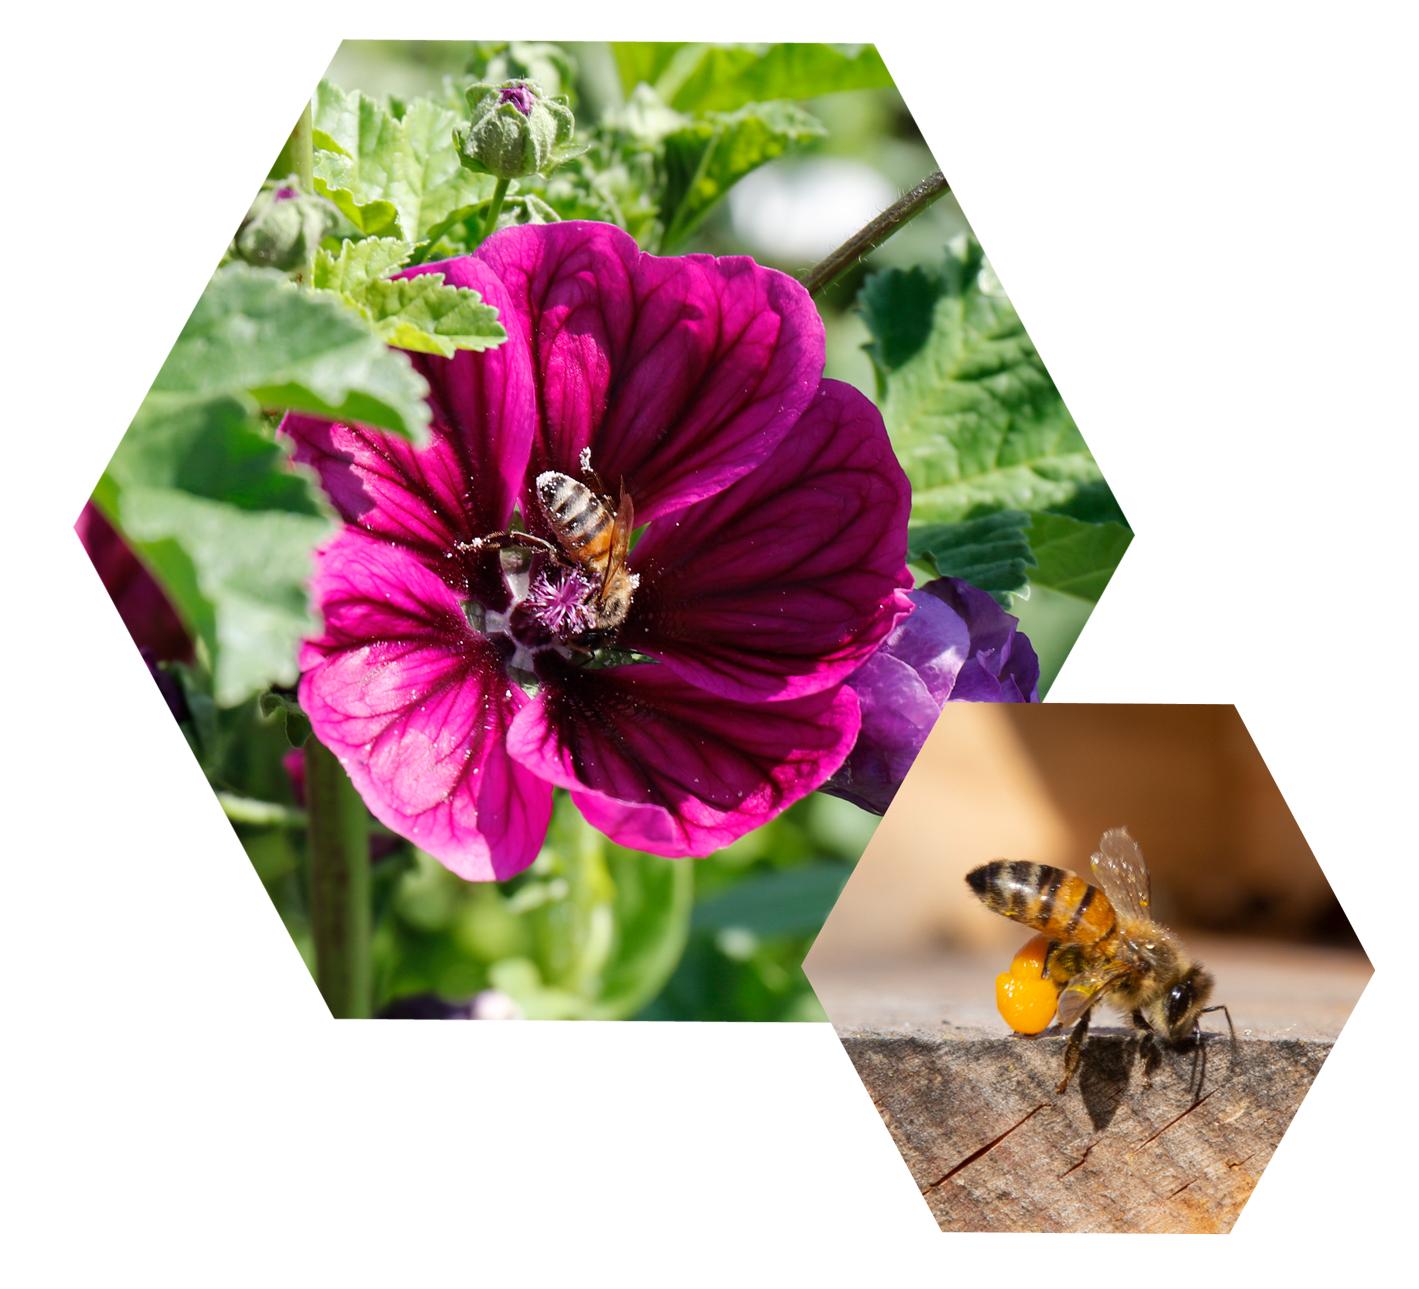 Bienchen - Fette Beute! Wilde Malve und eine Biene mit Pollen